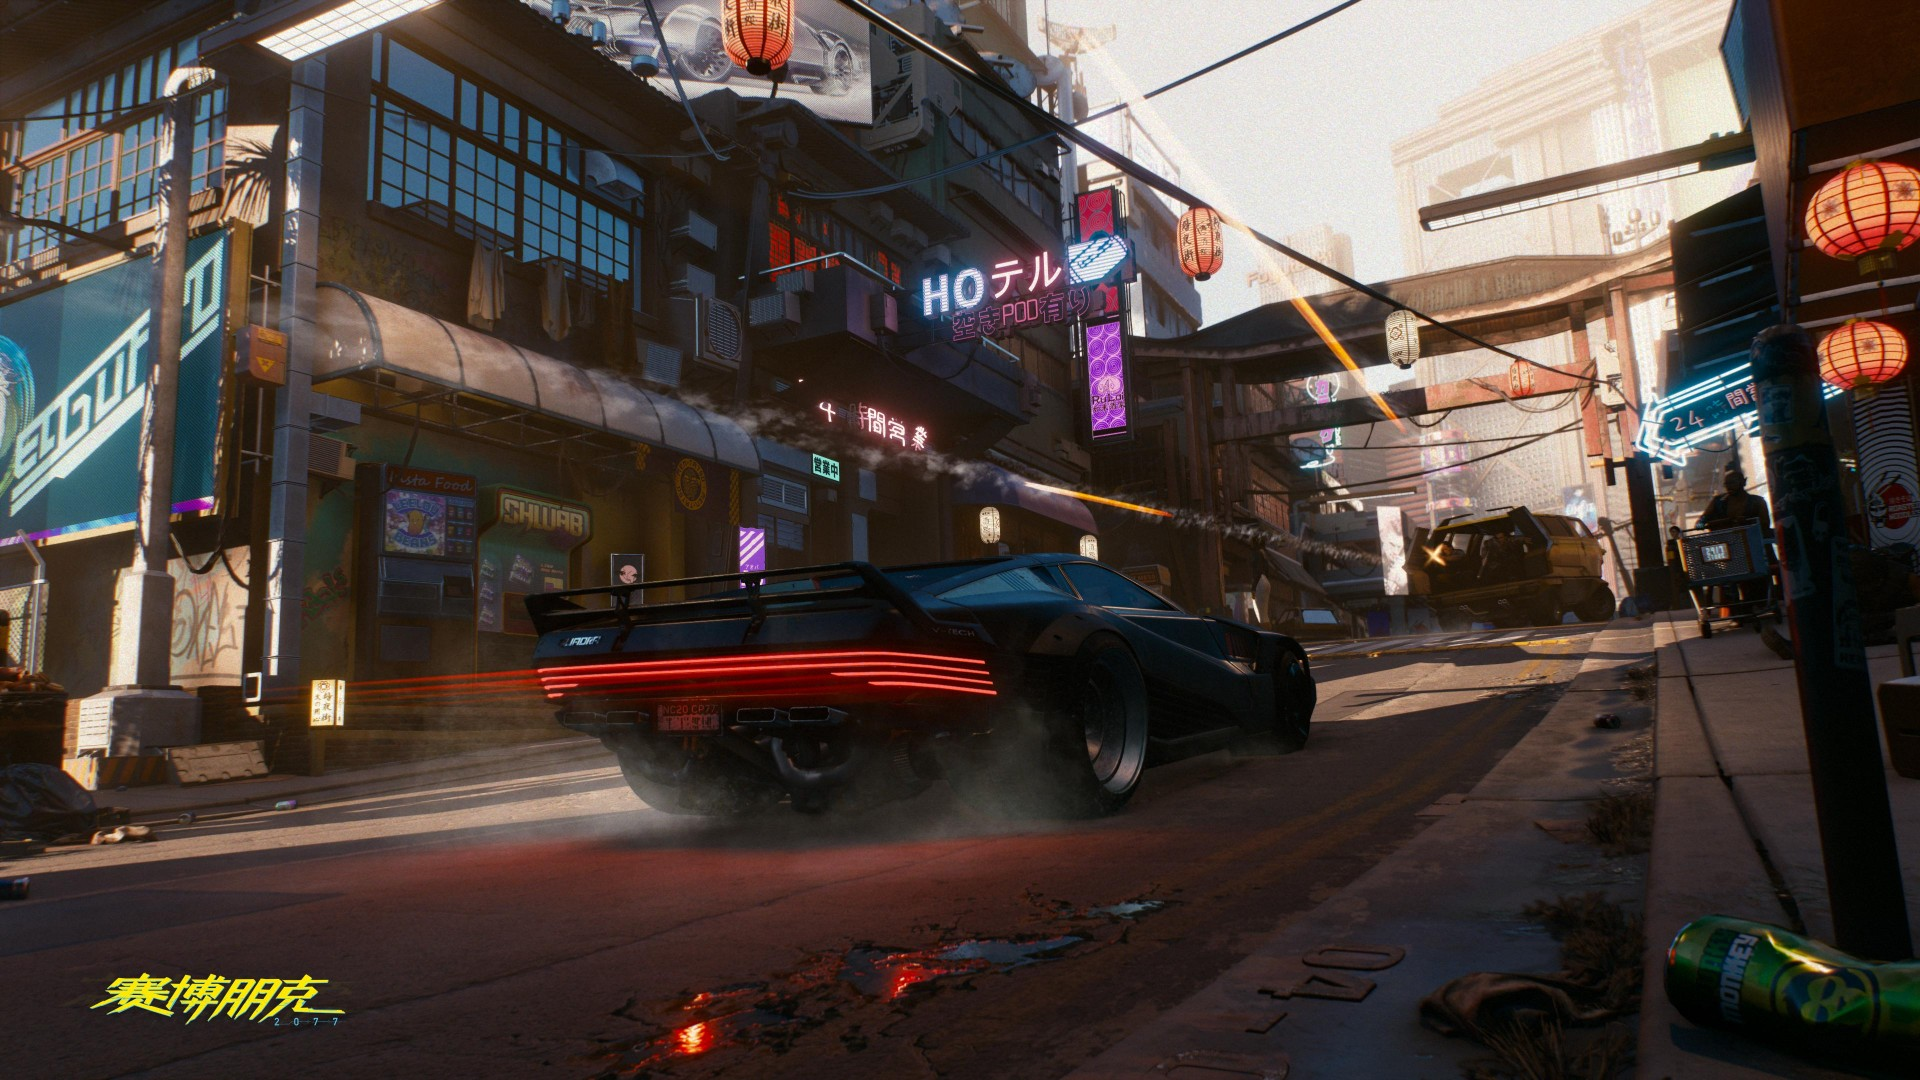 娱乐资讯_赛博朋克2077高清游戏截图下载_赛博朋克20774K高清游戏截图欣赏 ...